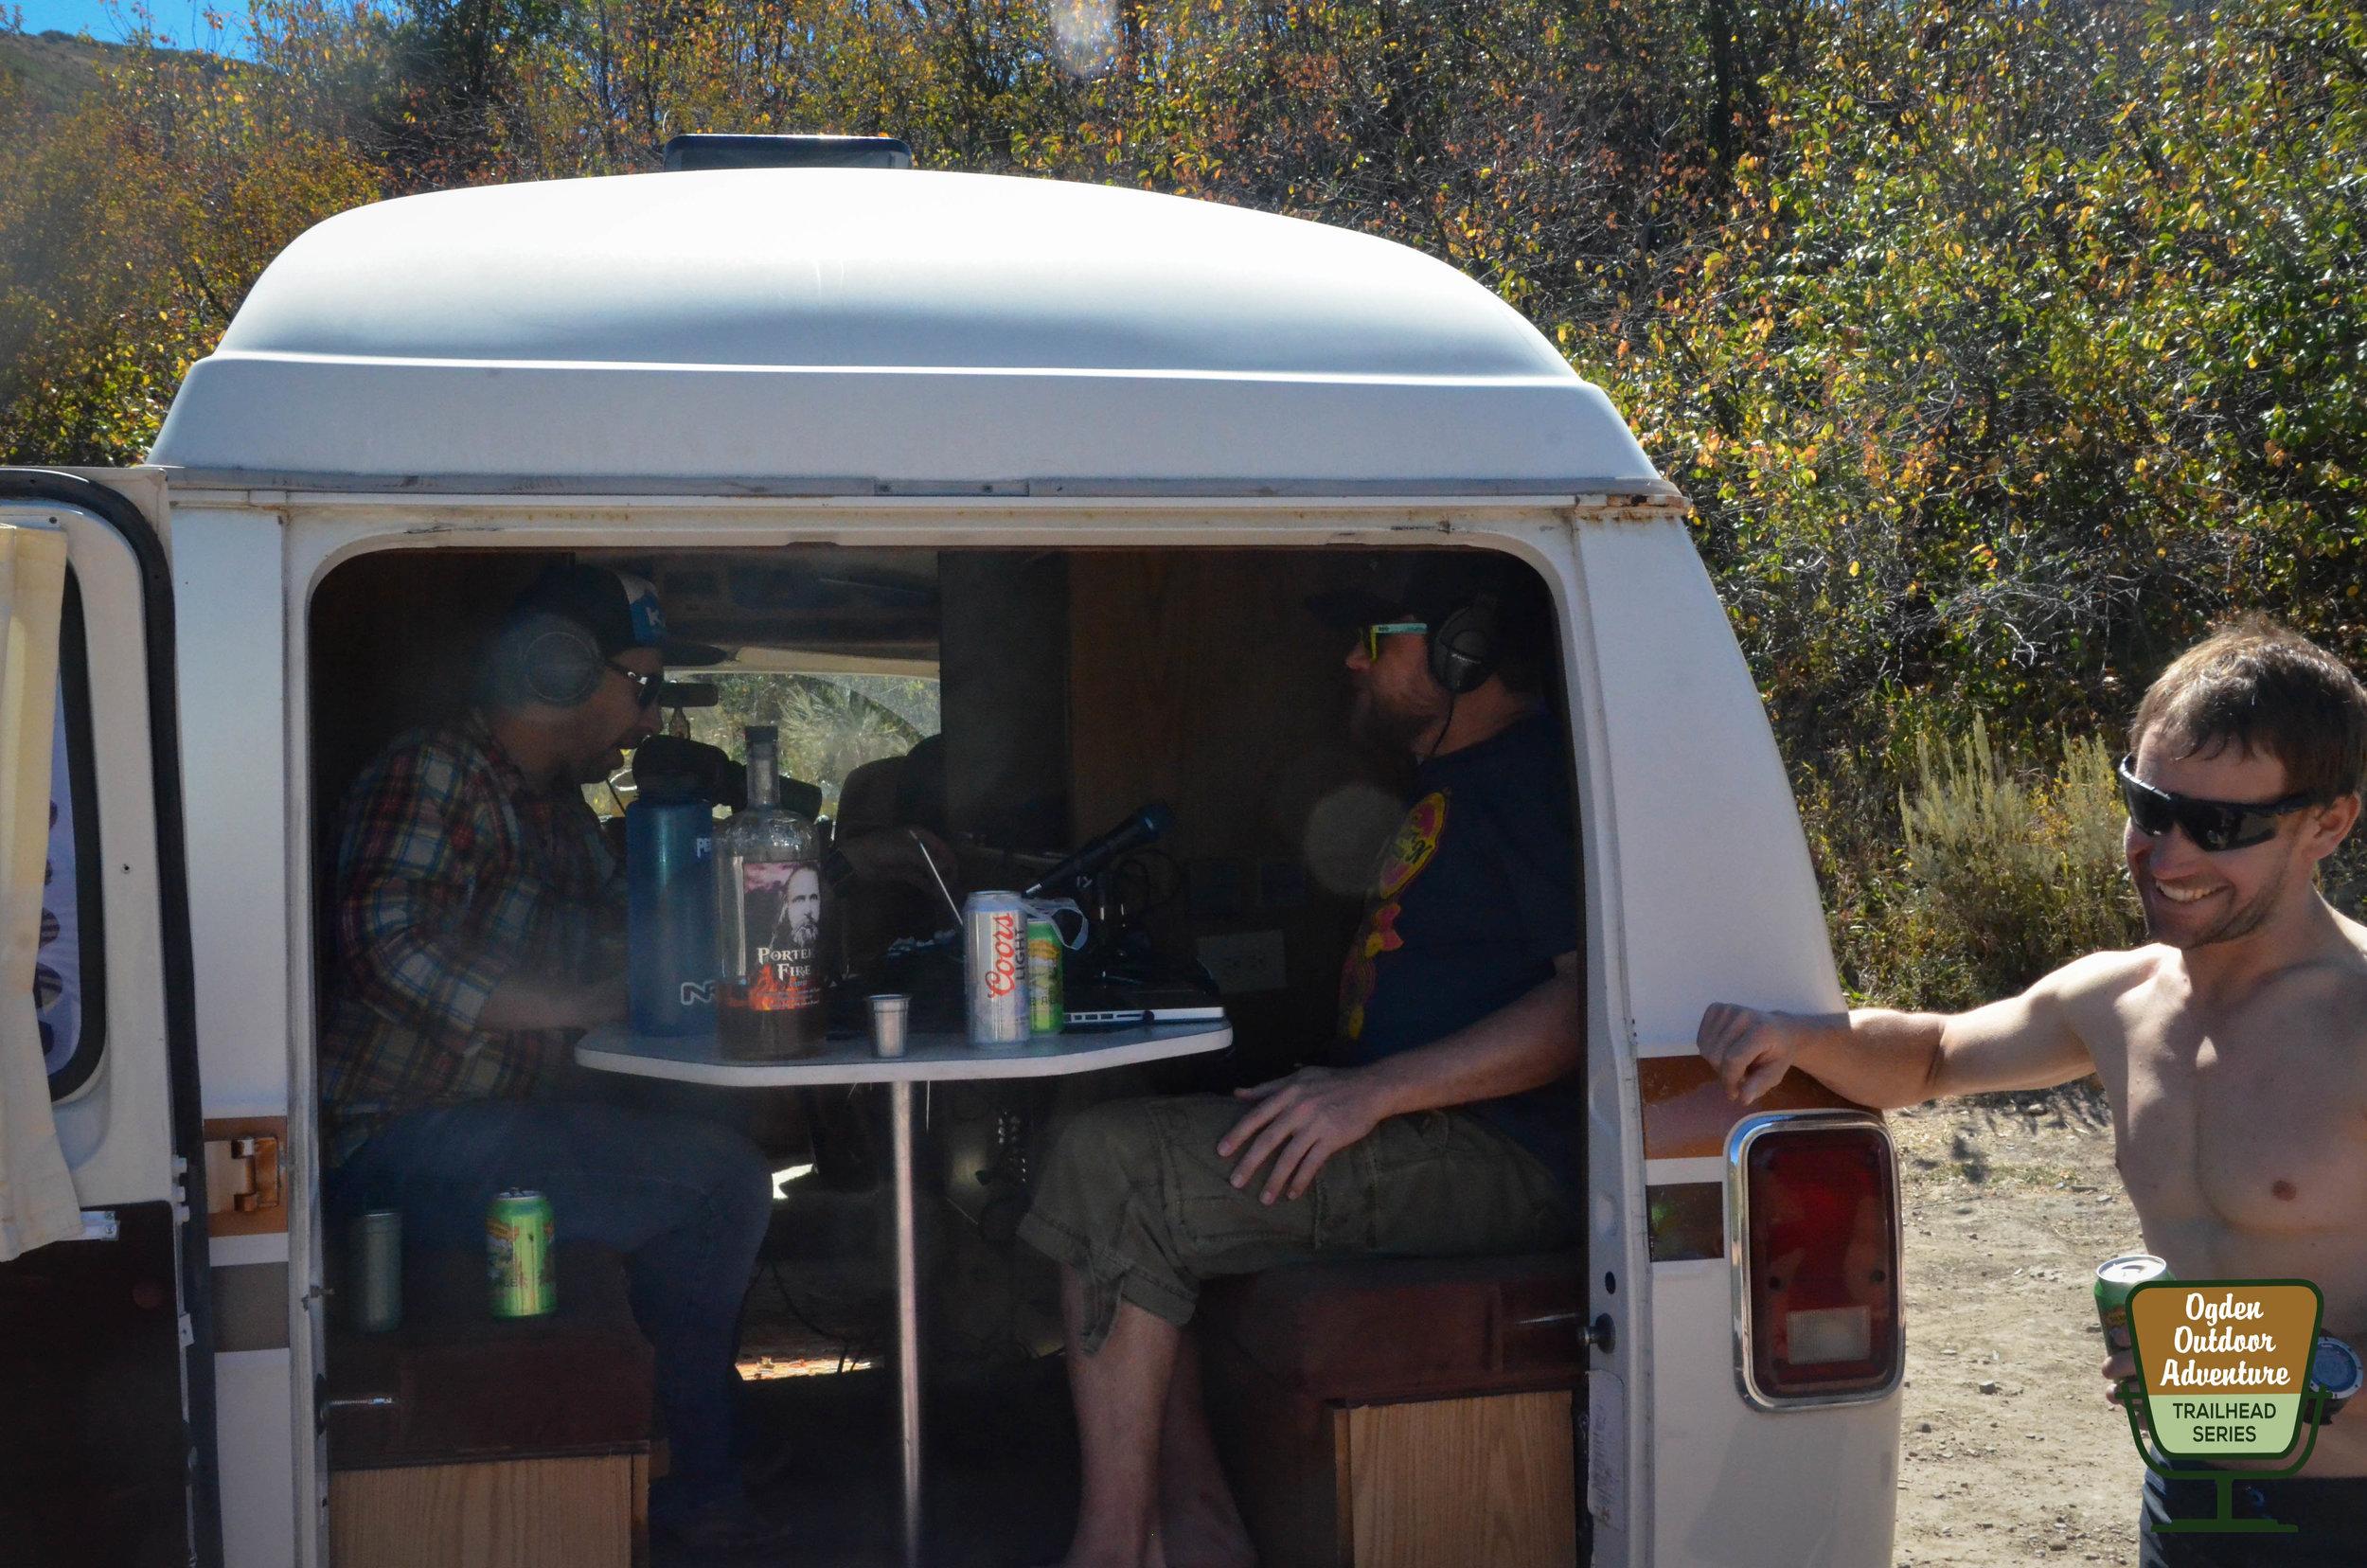 Ogden Outdoor Adventure 251, Red Spawn-19.jpg